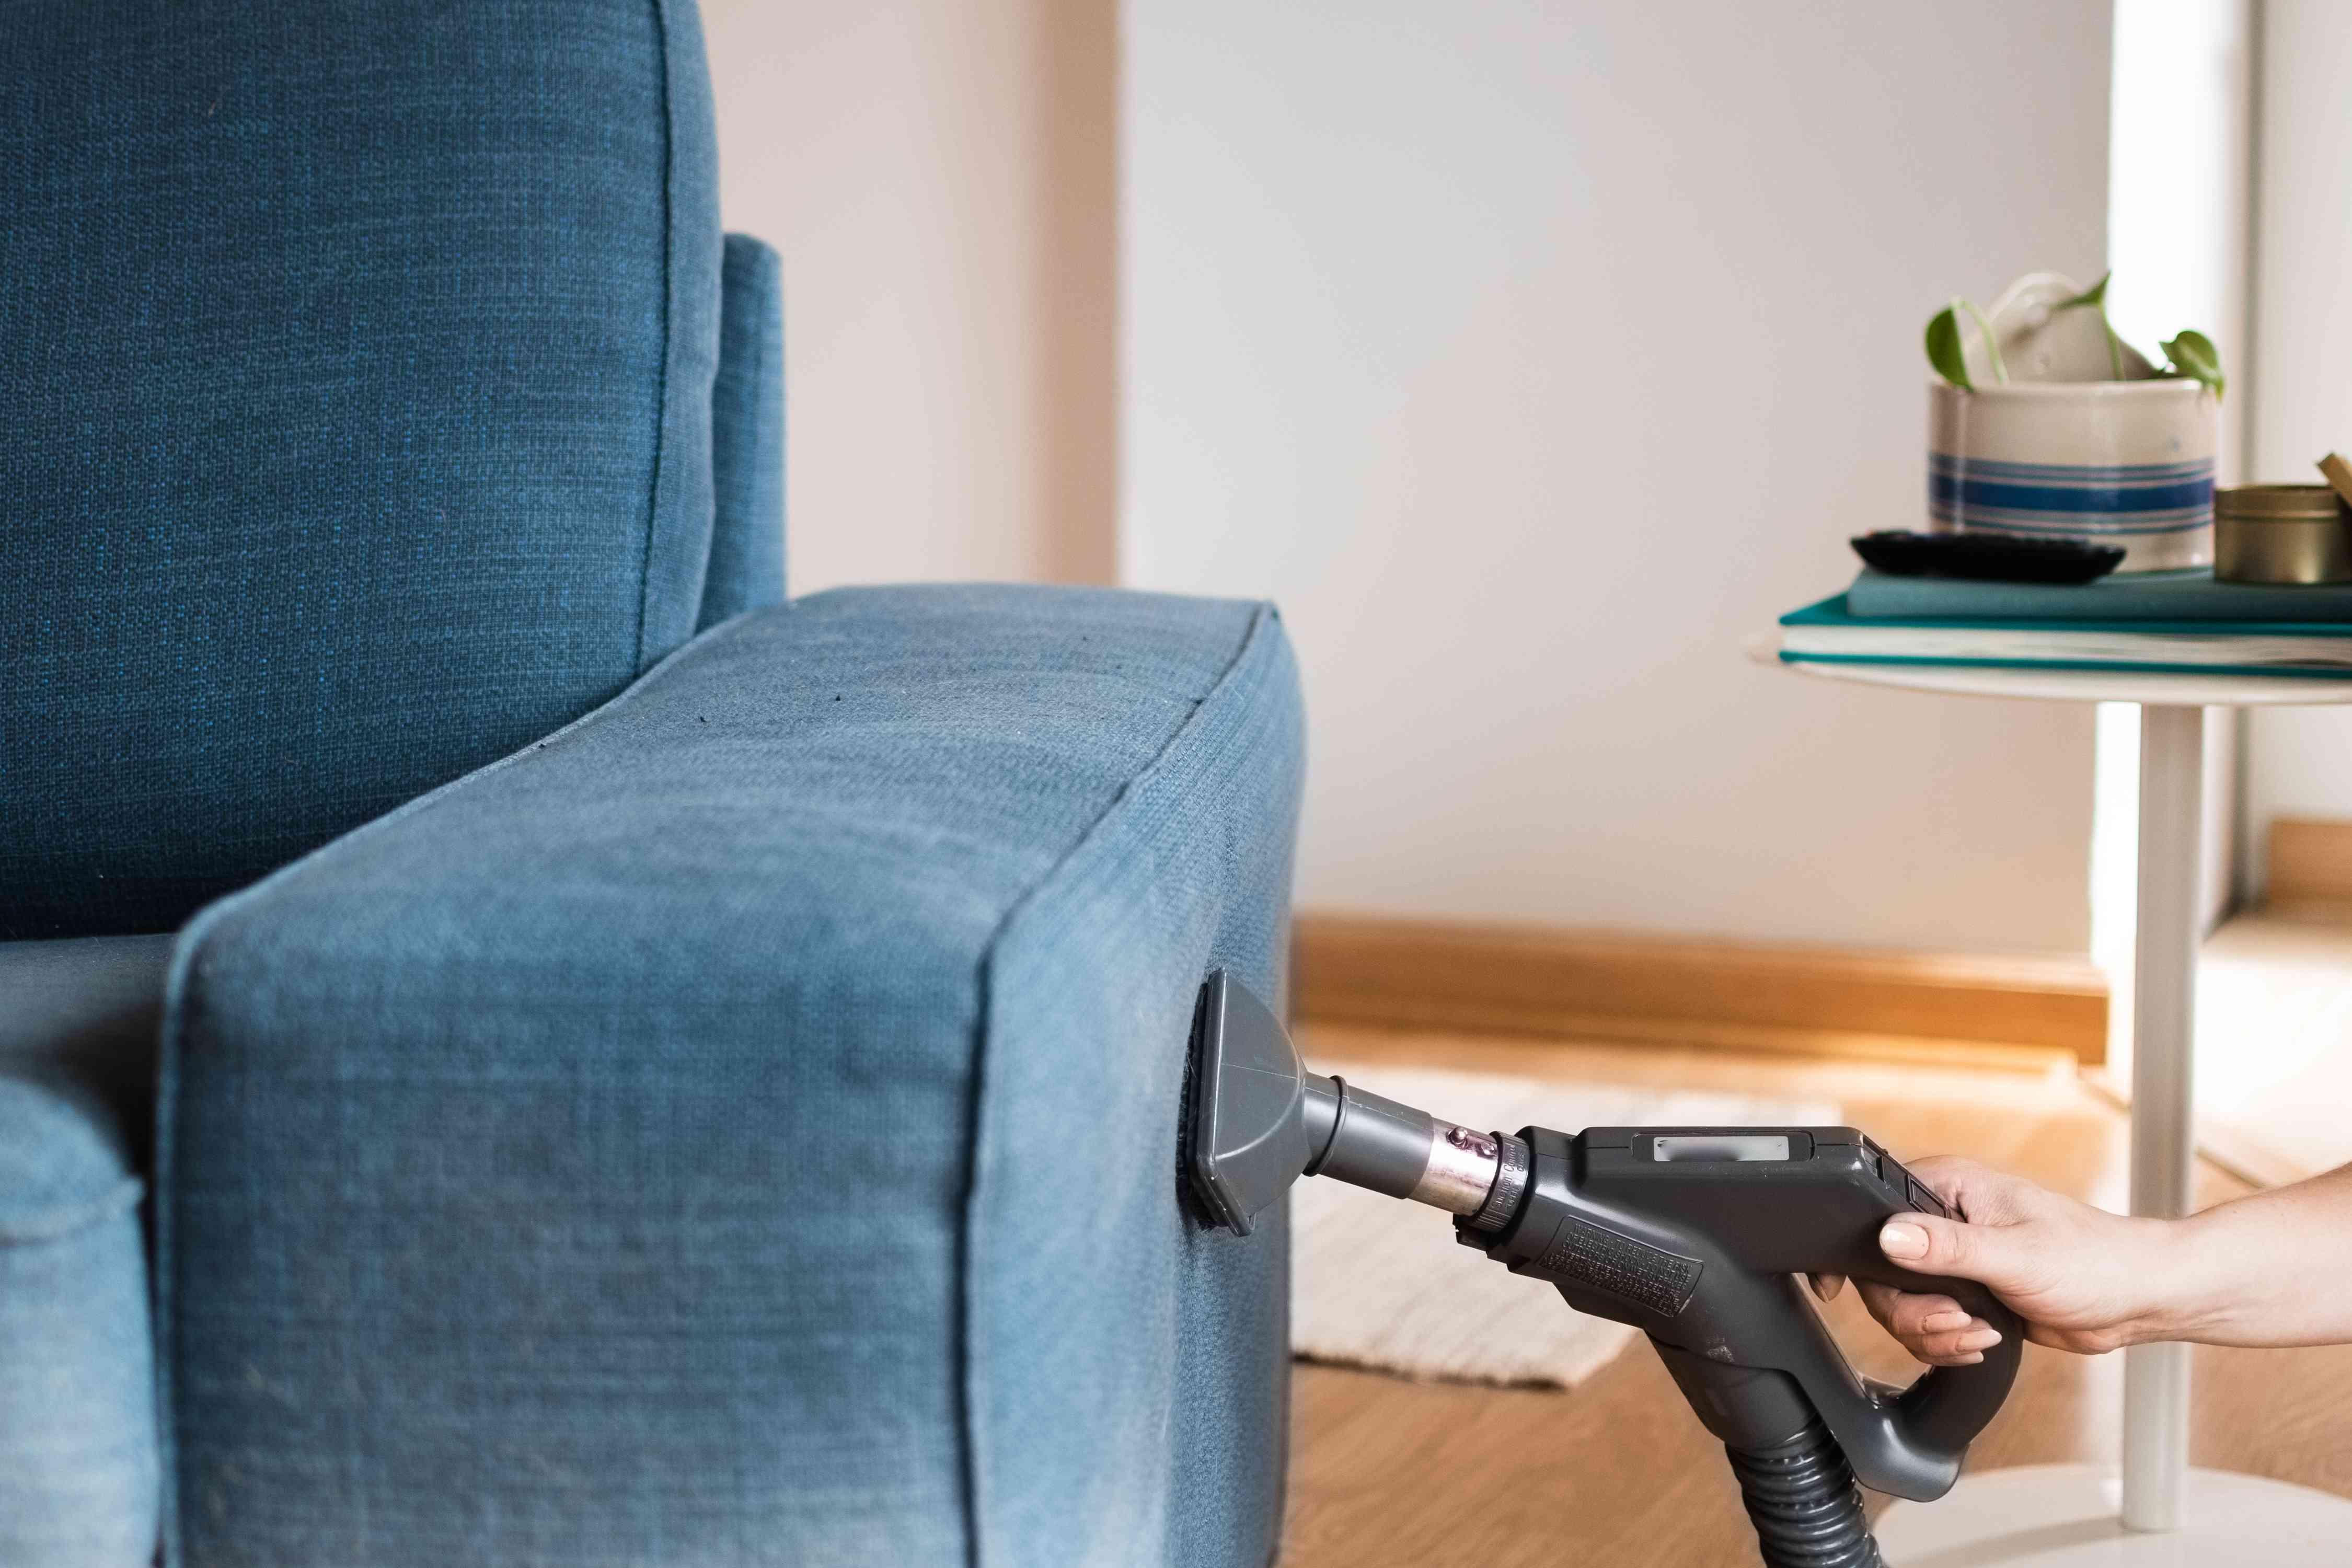 Chân không HEPA đi qua mặt của chiếc ghế dài bọc nệm màu xanh đậm